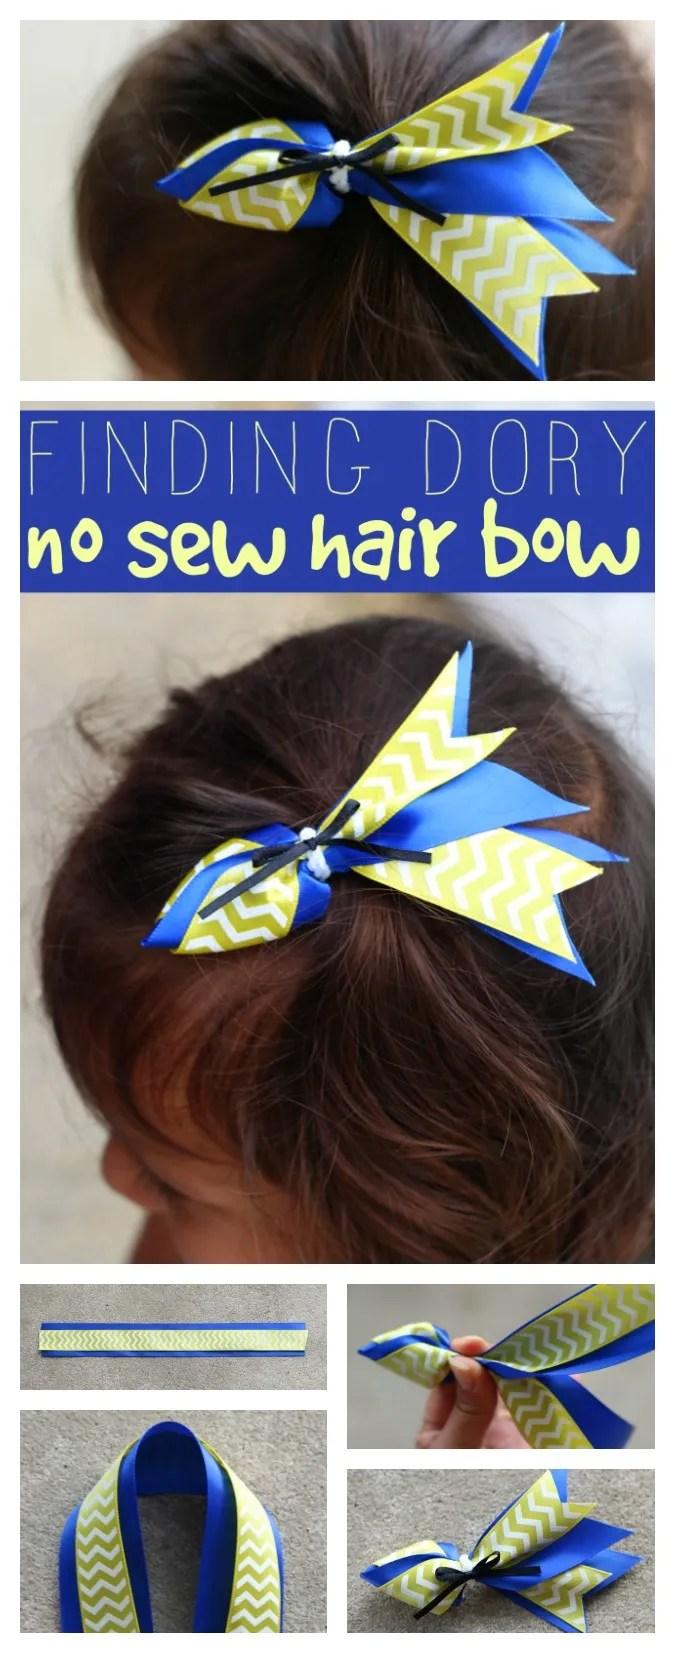 Finding Dory hair bow pinterest